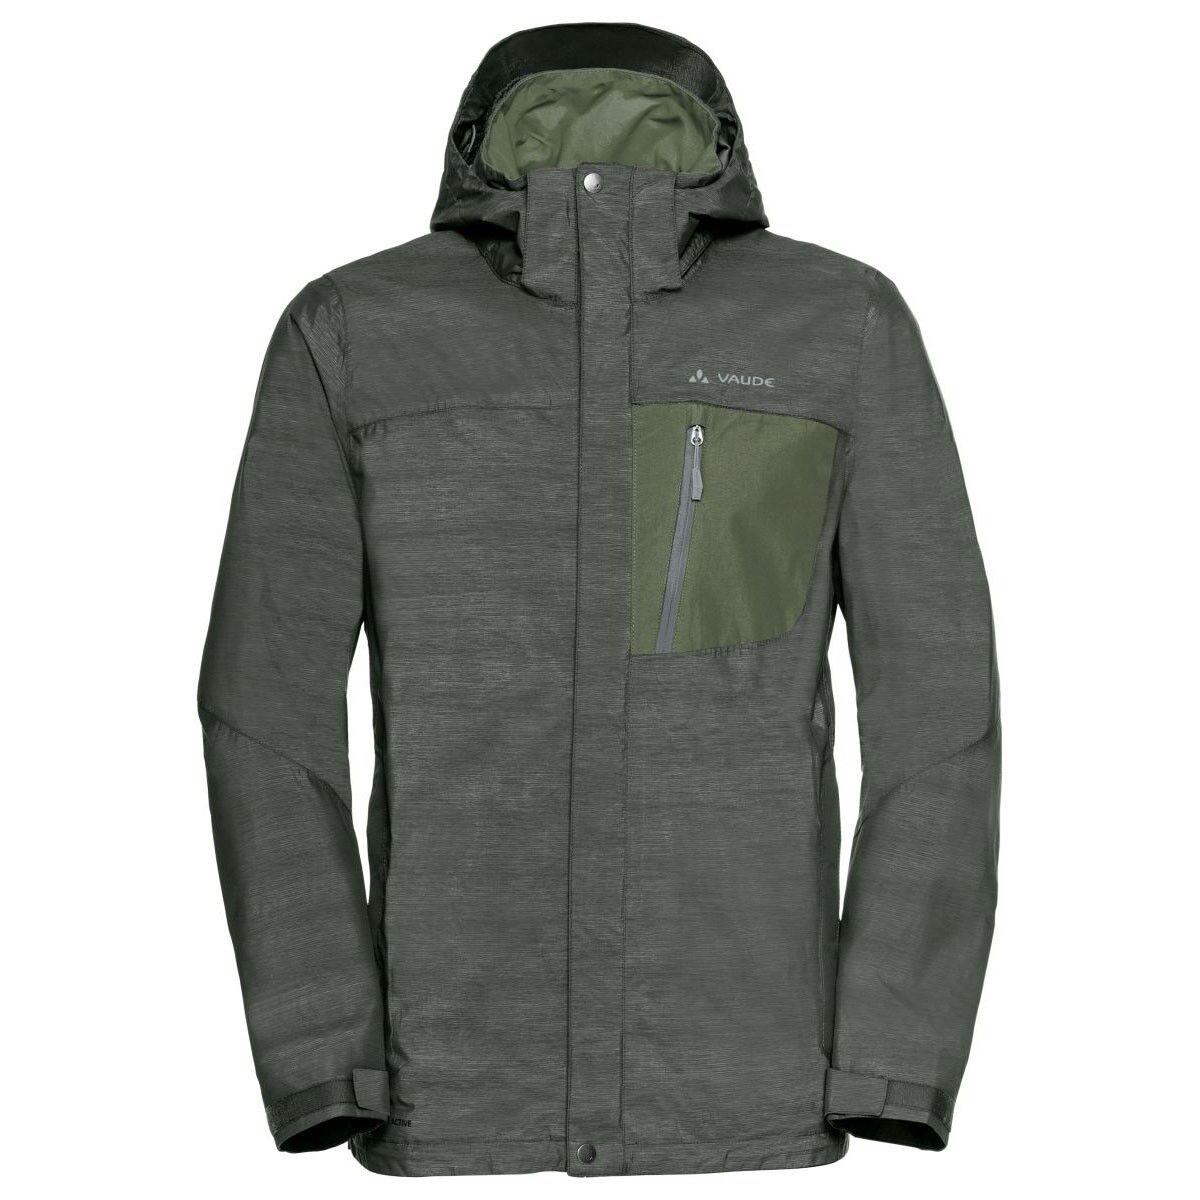 Vaude Furnas Jacket III Giacca verde